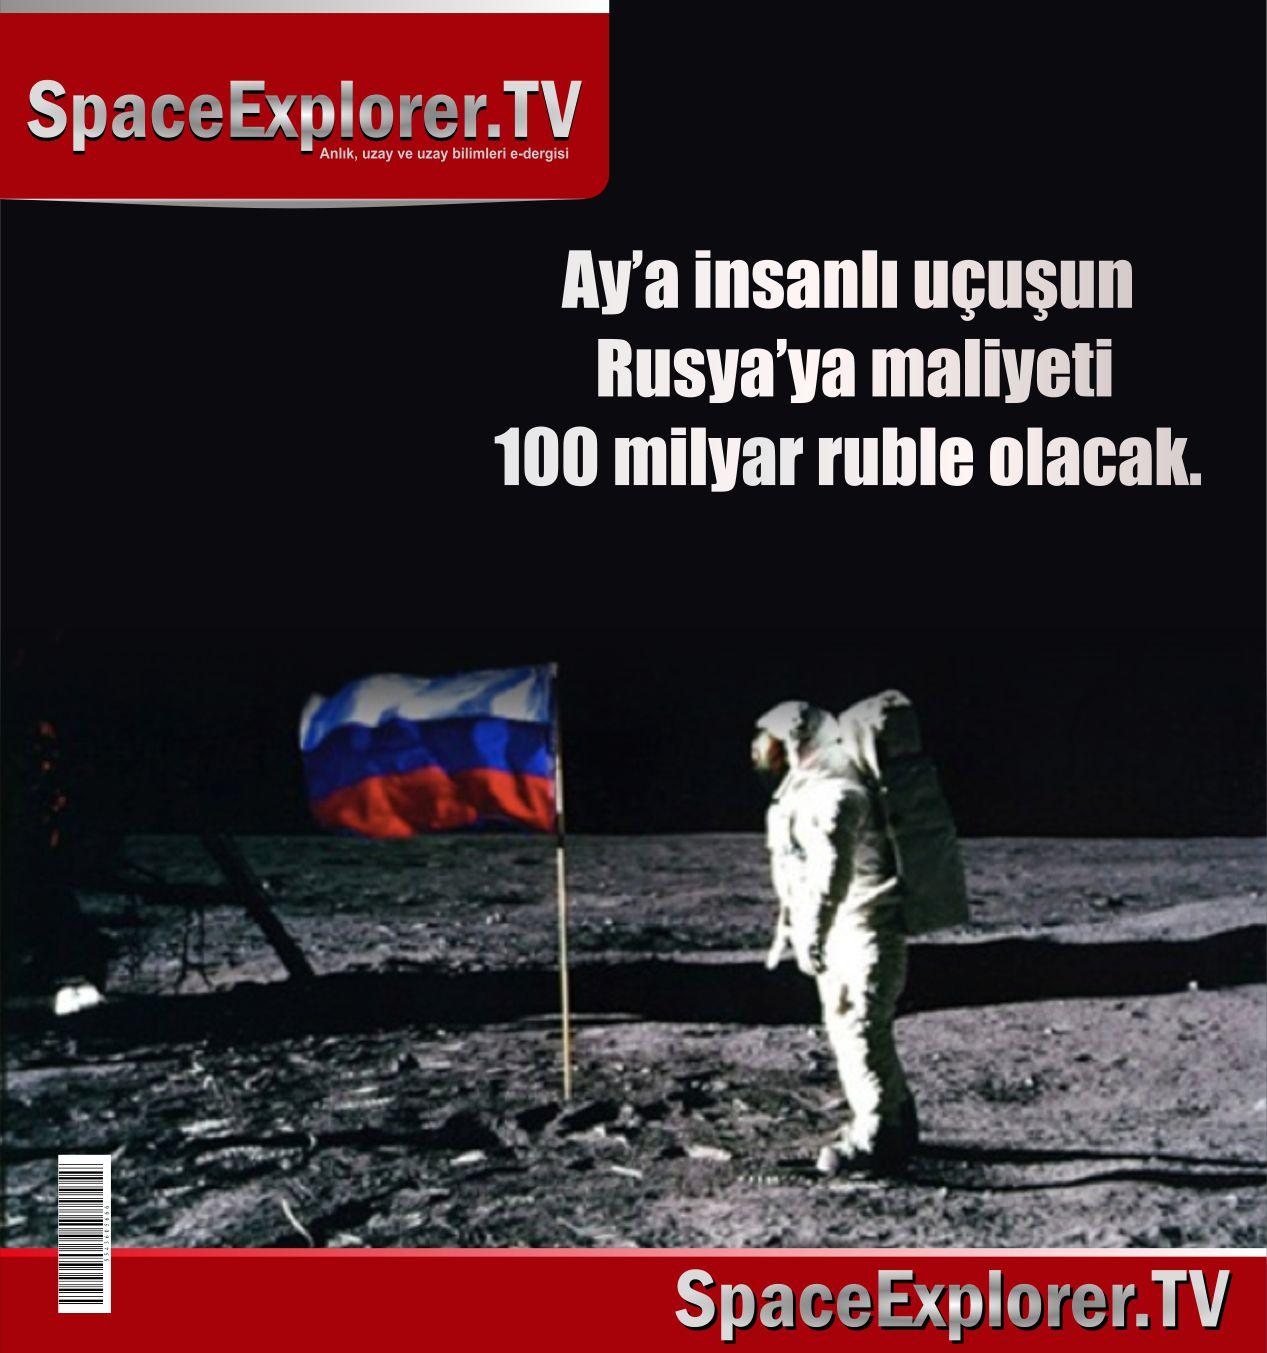 Ay'a insanlı uçuşun Rusya'ya maliyeti 100 milyar ruble olacak